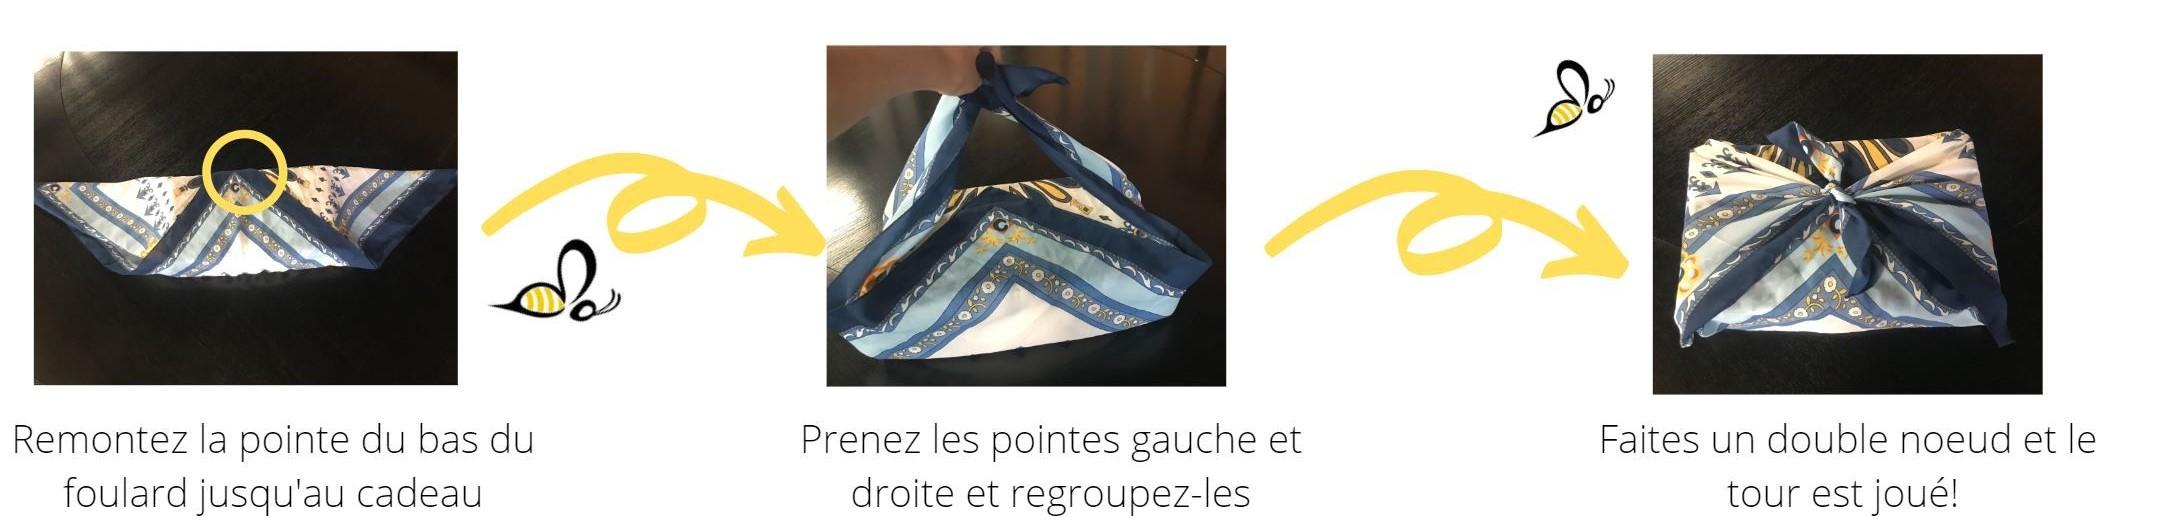 Explication de l'emballage cadeau selon la méthode Otukai Tsutsumi, illustré avec des images